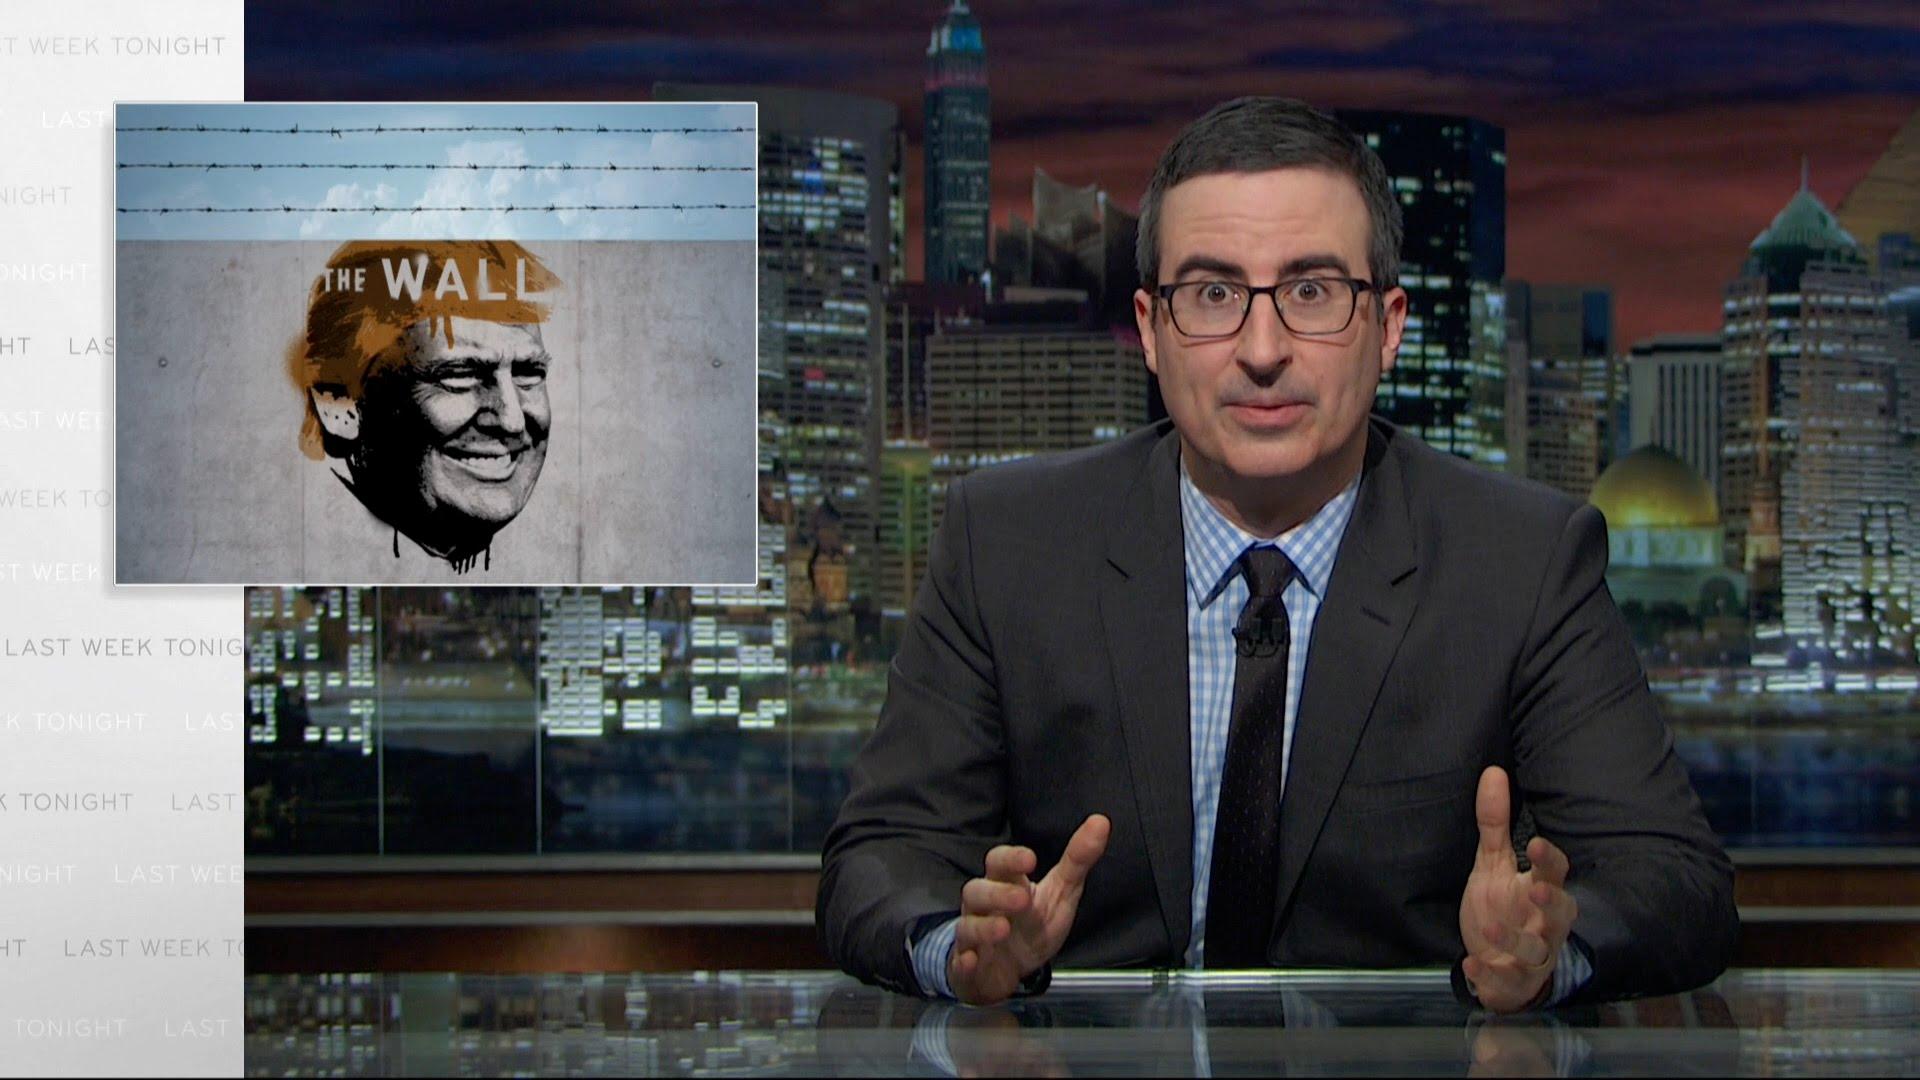 شوخی های جان اولویر با طرح احمقانه دیوار ترامپ